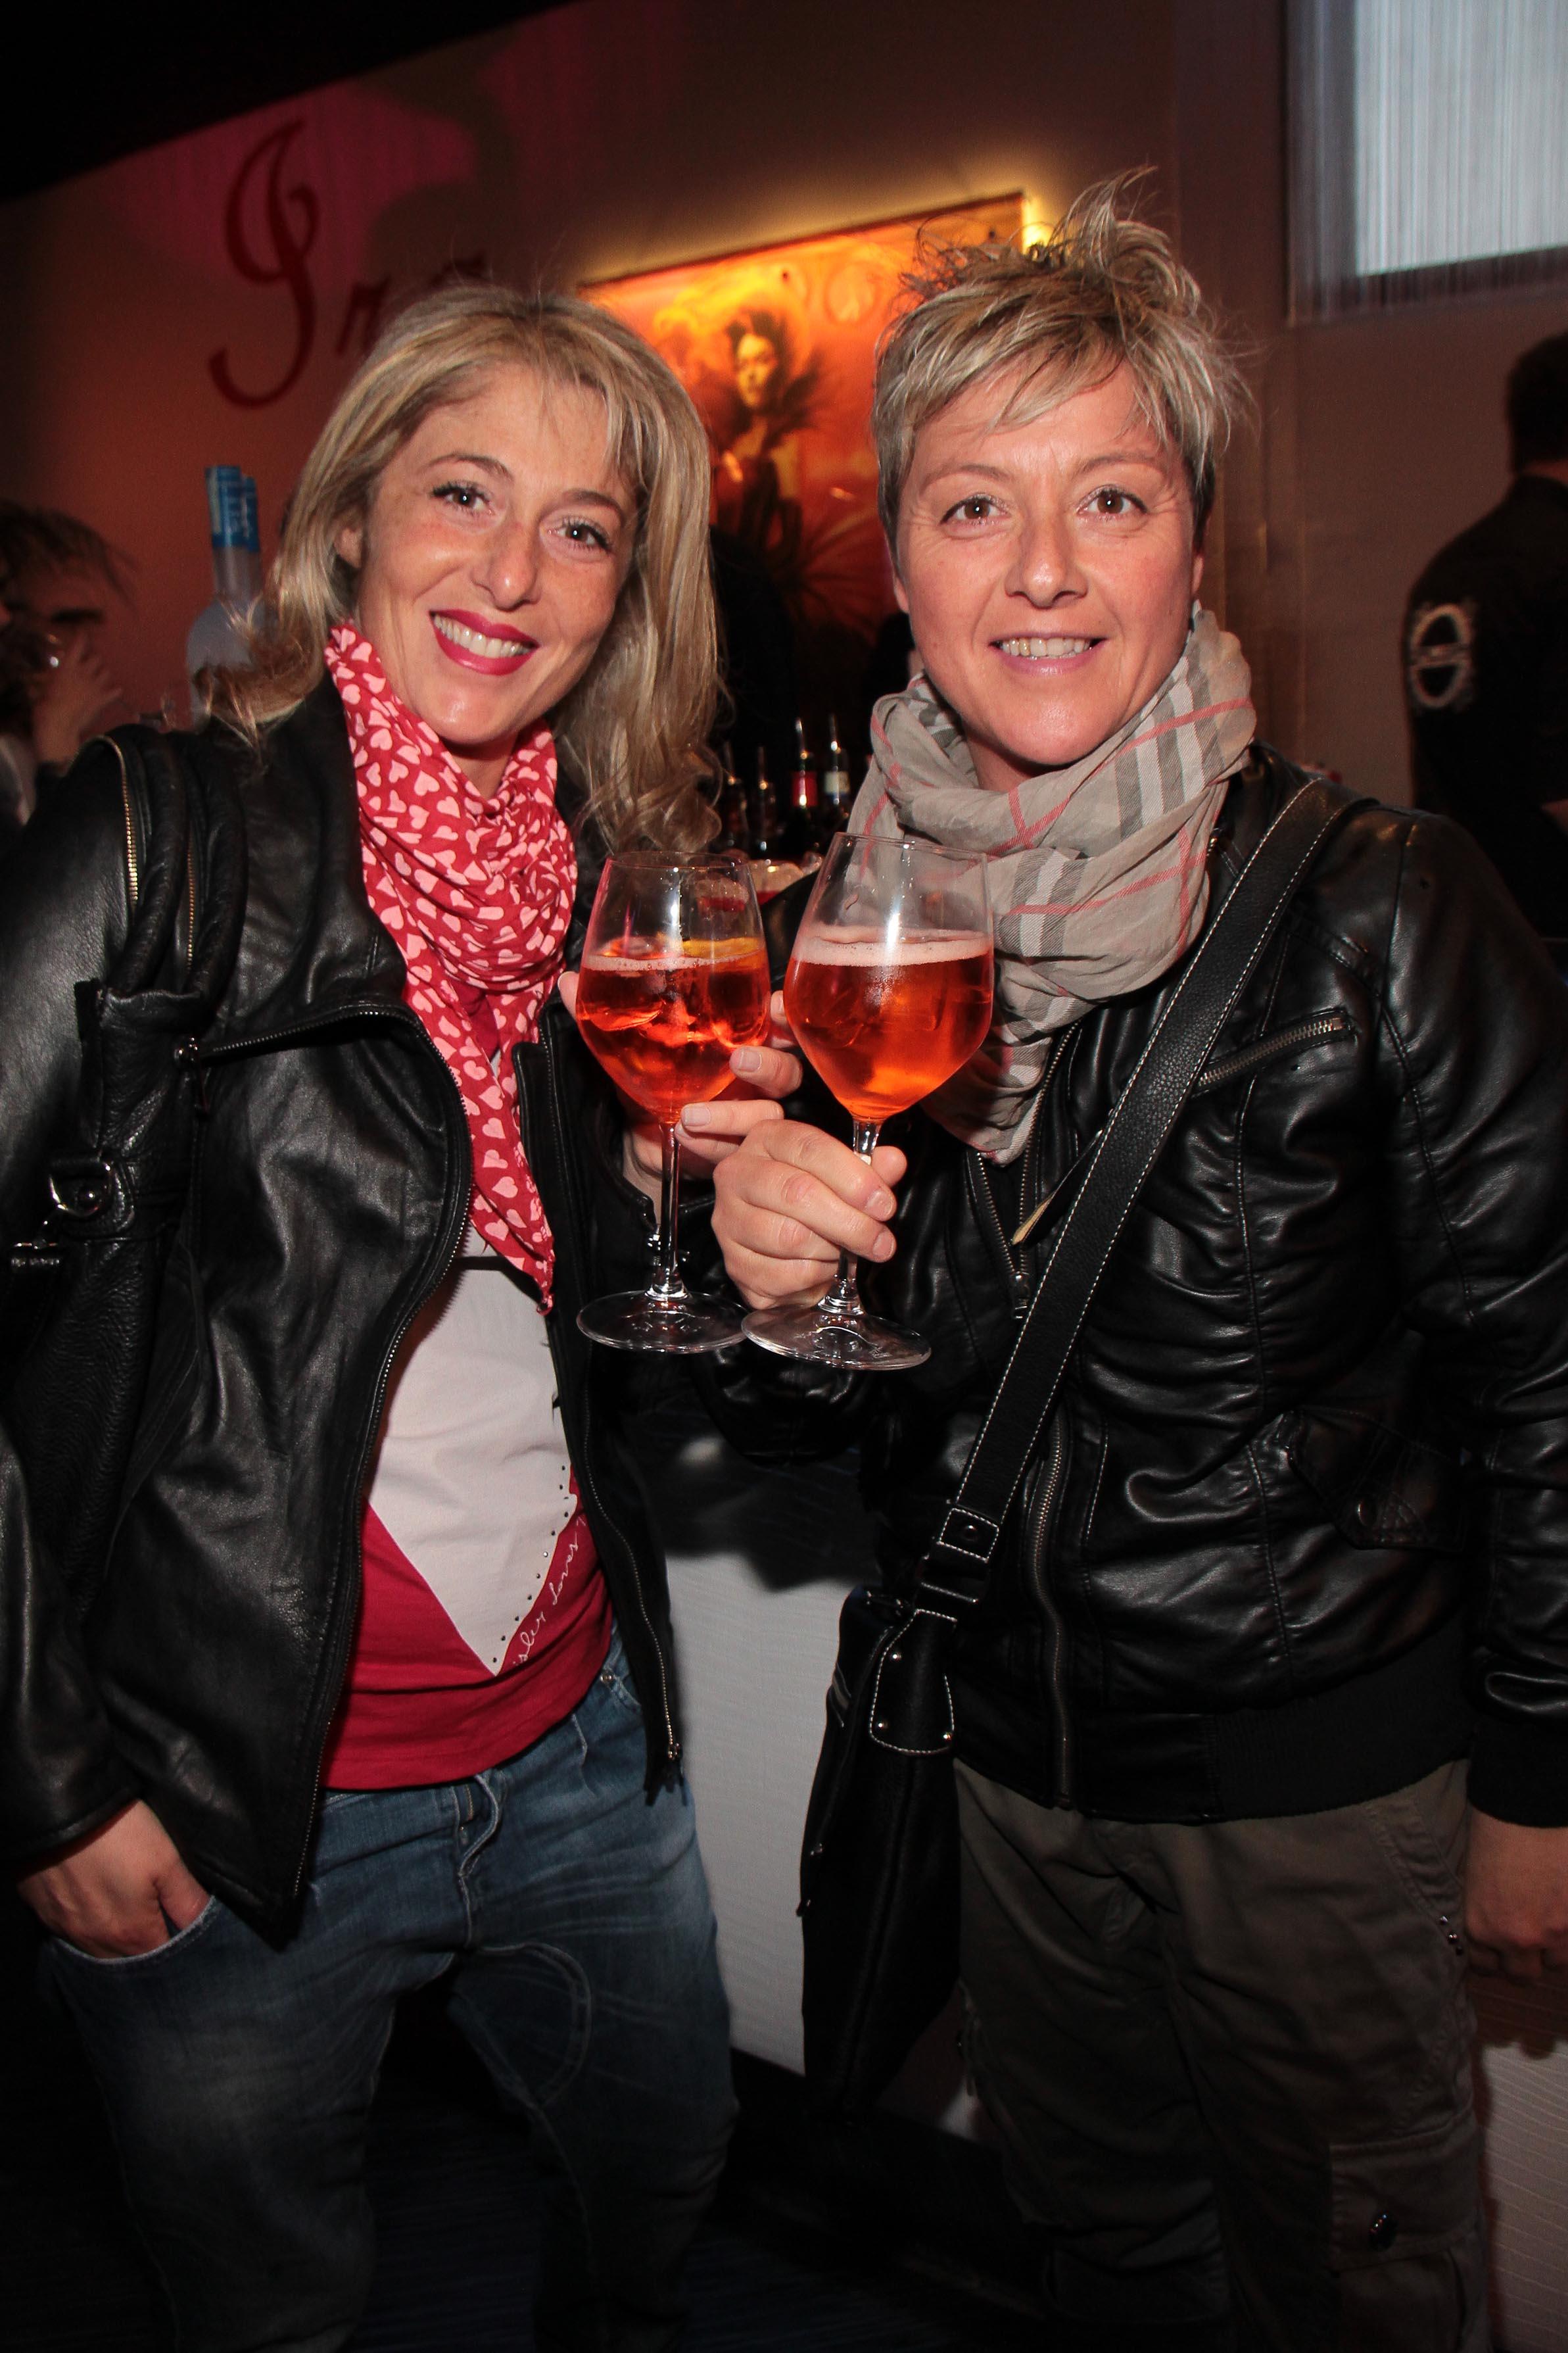 PRESSPHOTO Capalle, inaugurazione Galisia. Nella foto Pamela Fanti e Roberta Sciarri giuseppe cabras/new press photo